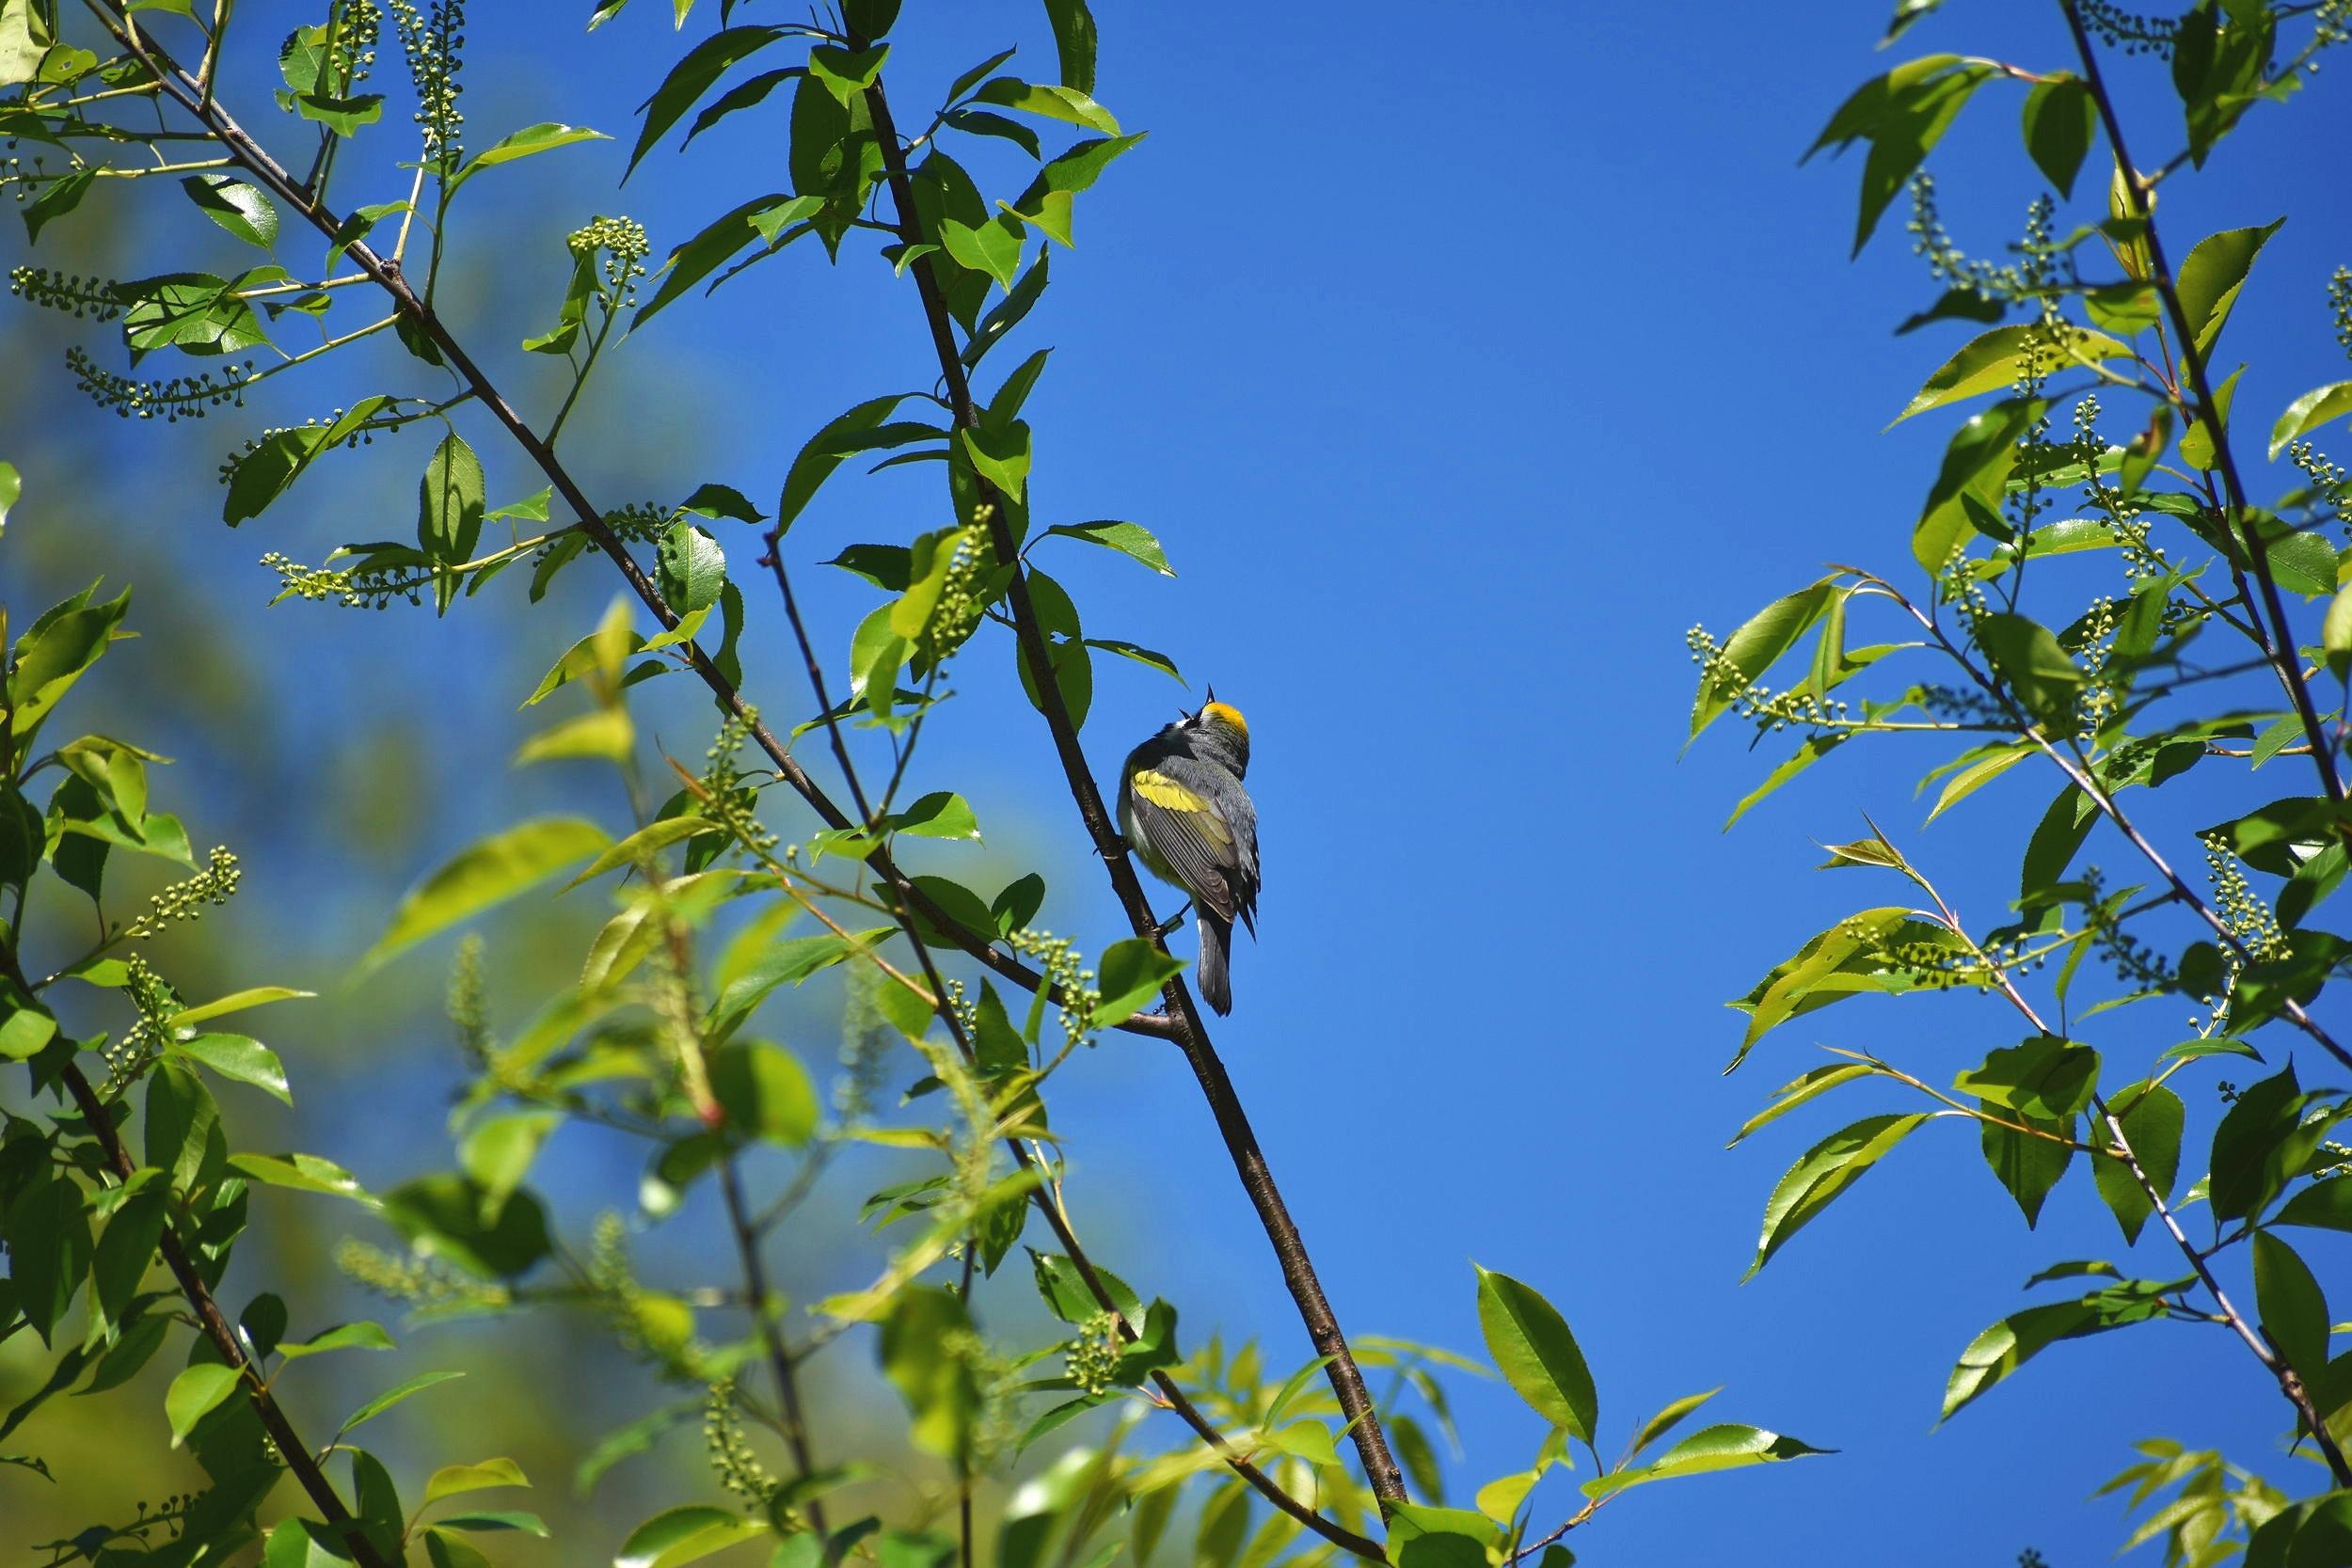 Golden Winged Warbler Singing